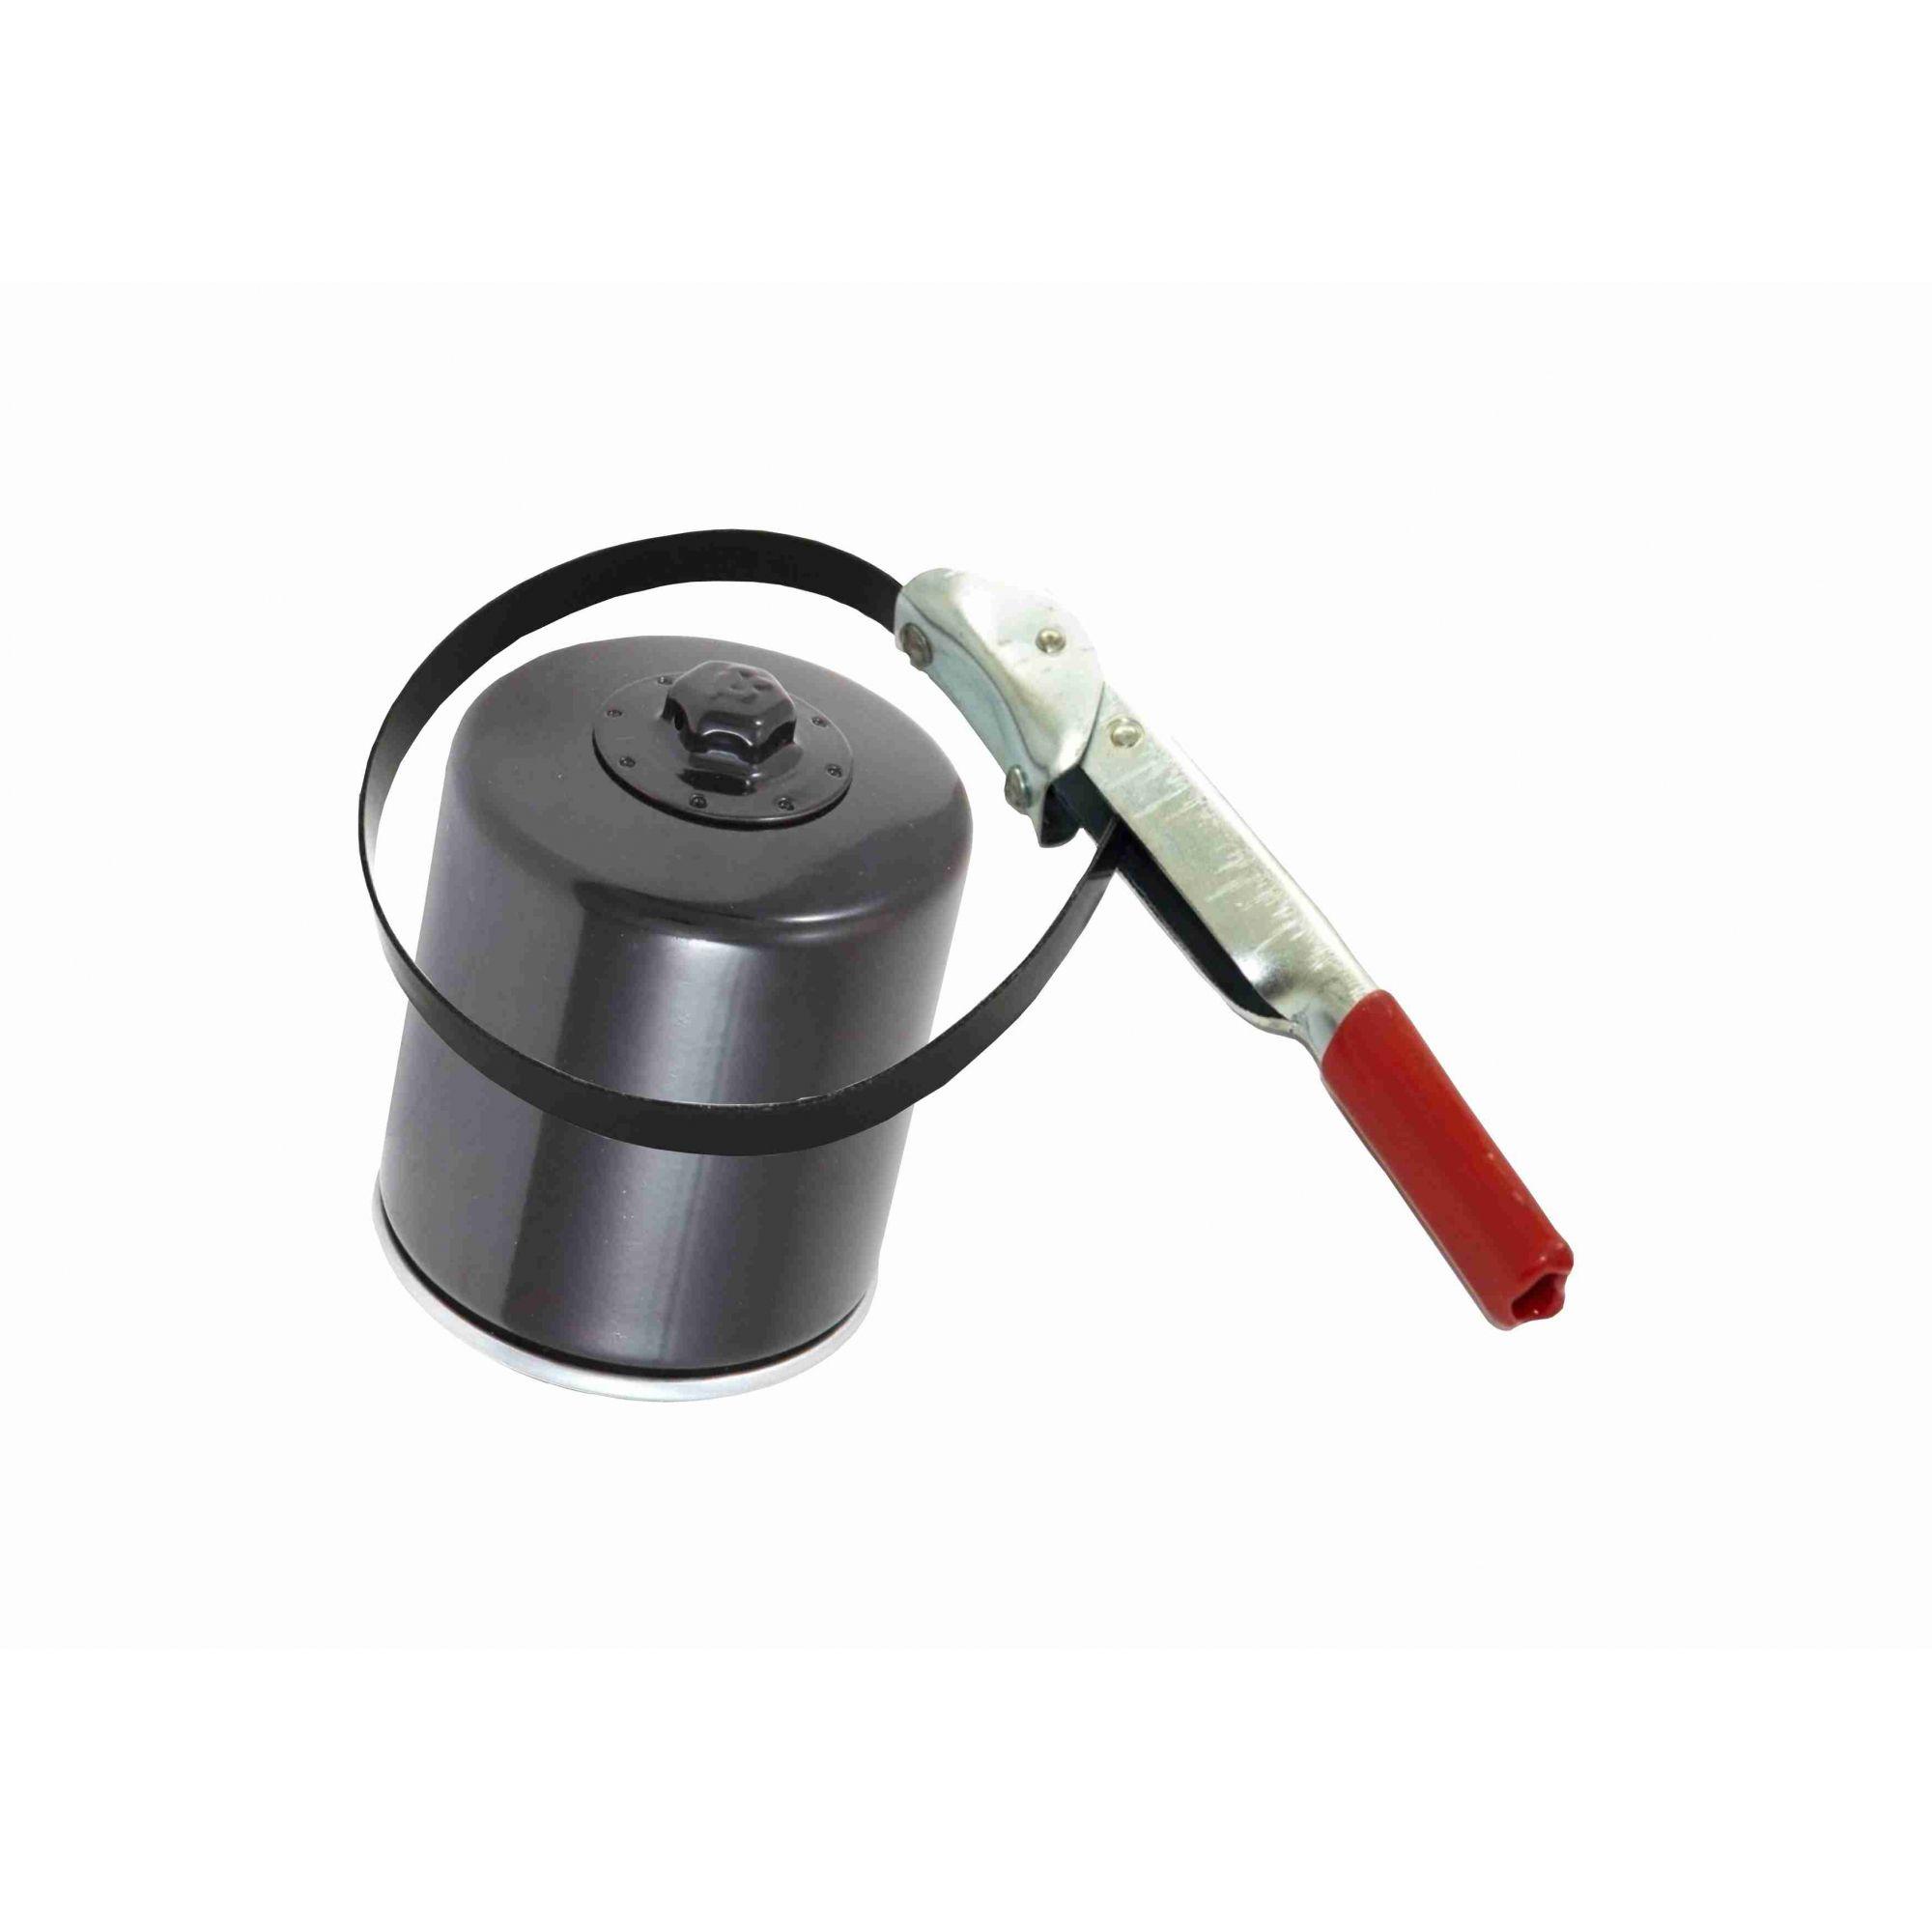 Chave Saca Filtro Cinta De Óleo 55 x 66mm LUB 18-FI  - Rea Comércio - Sua Loja Completa!